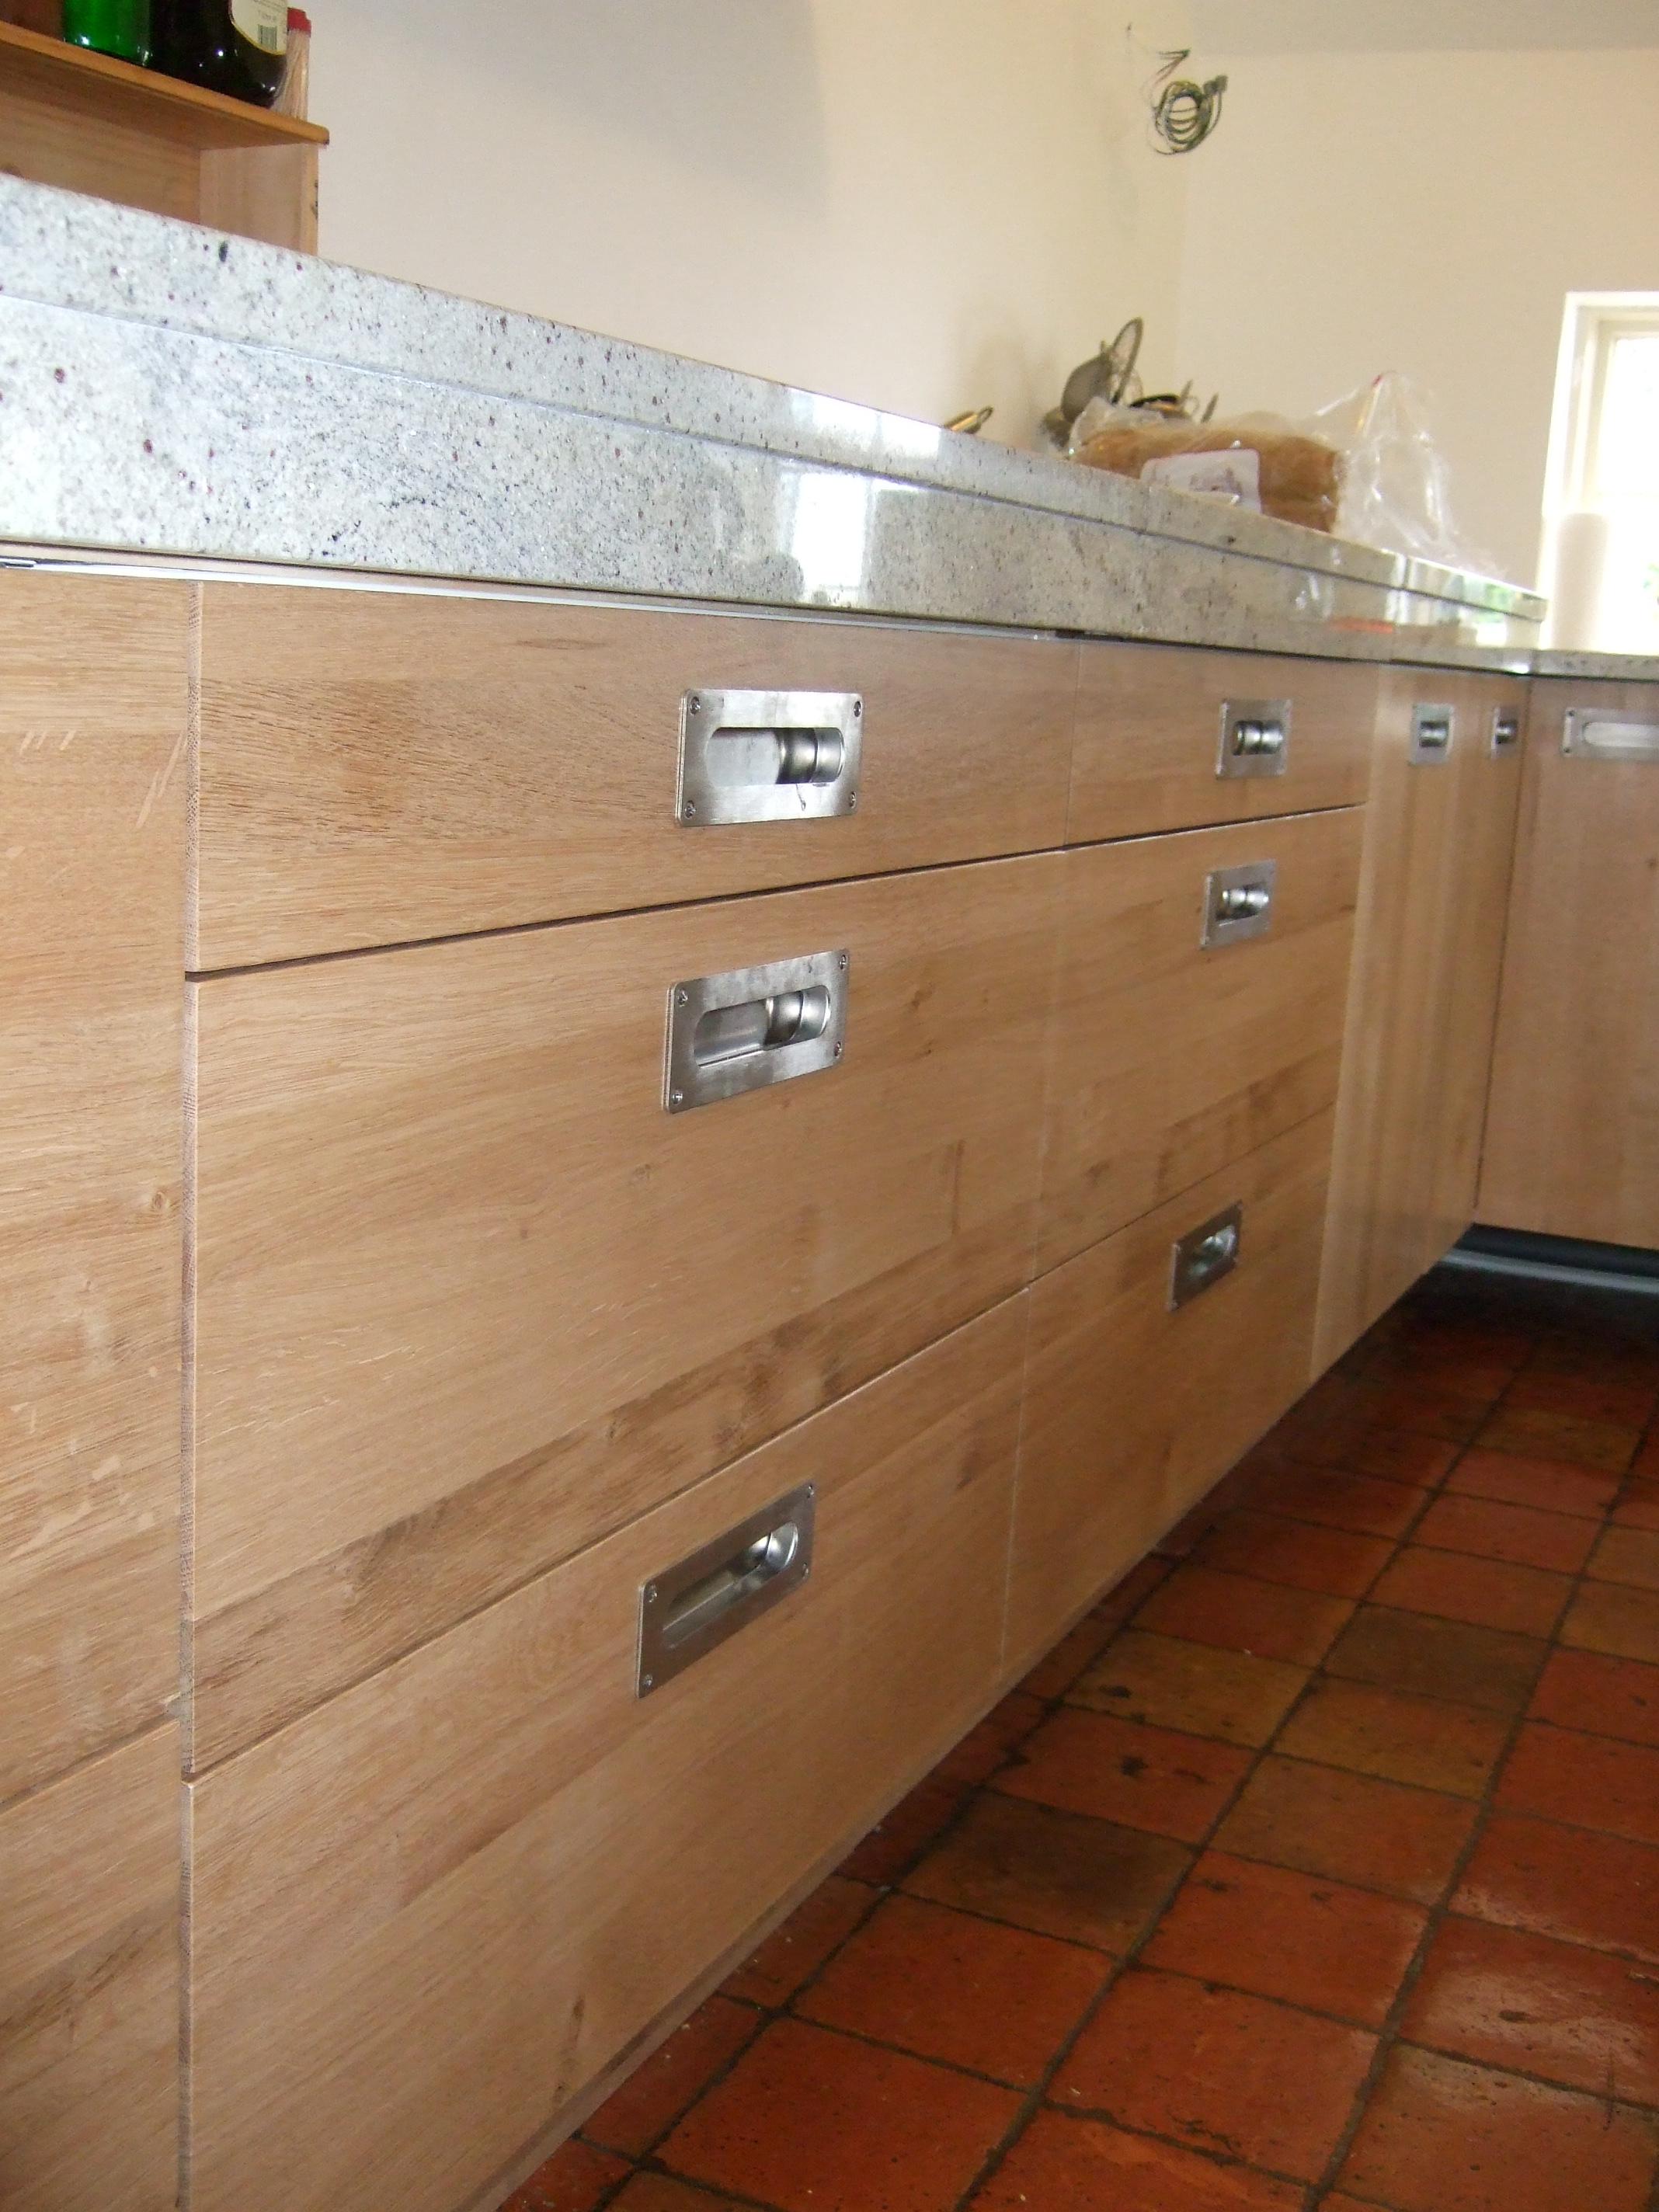 Keukenrenovatie Kosten : Keukenfronten Vervangen Vervangen Keukenfronten Tips Caroldoey